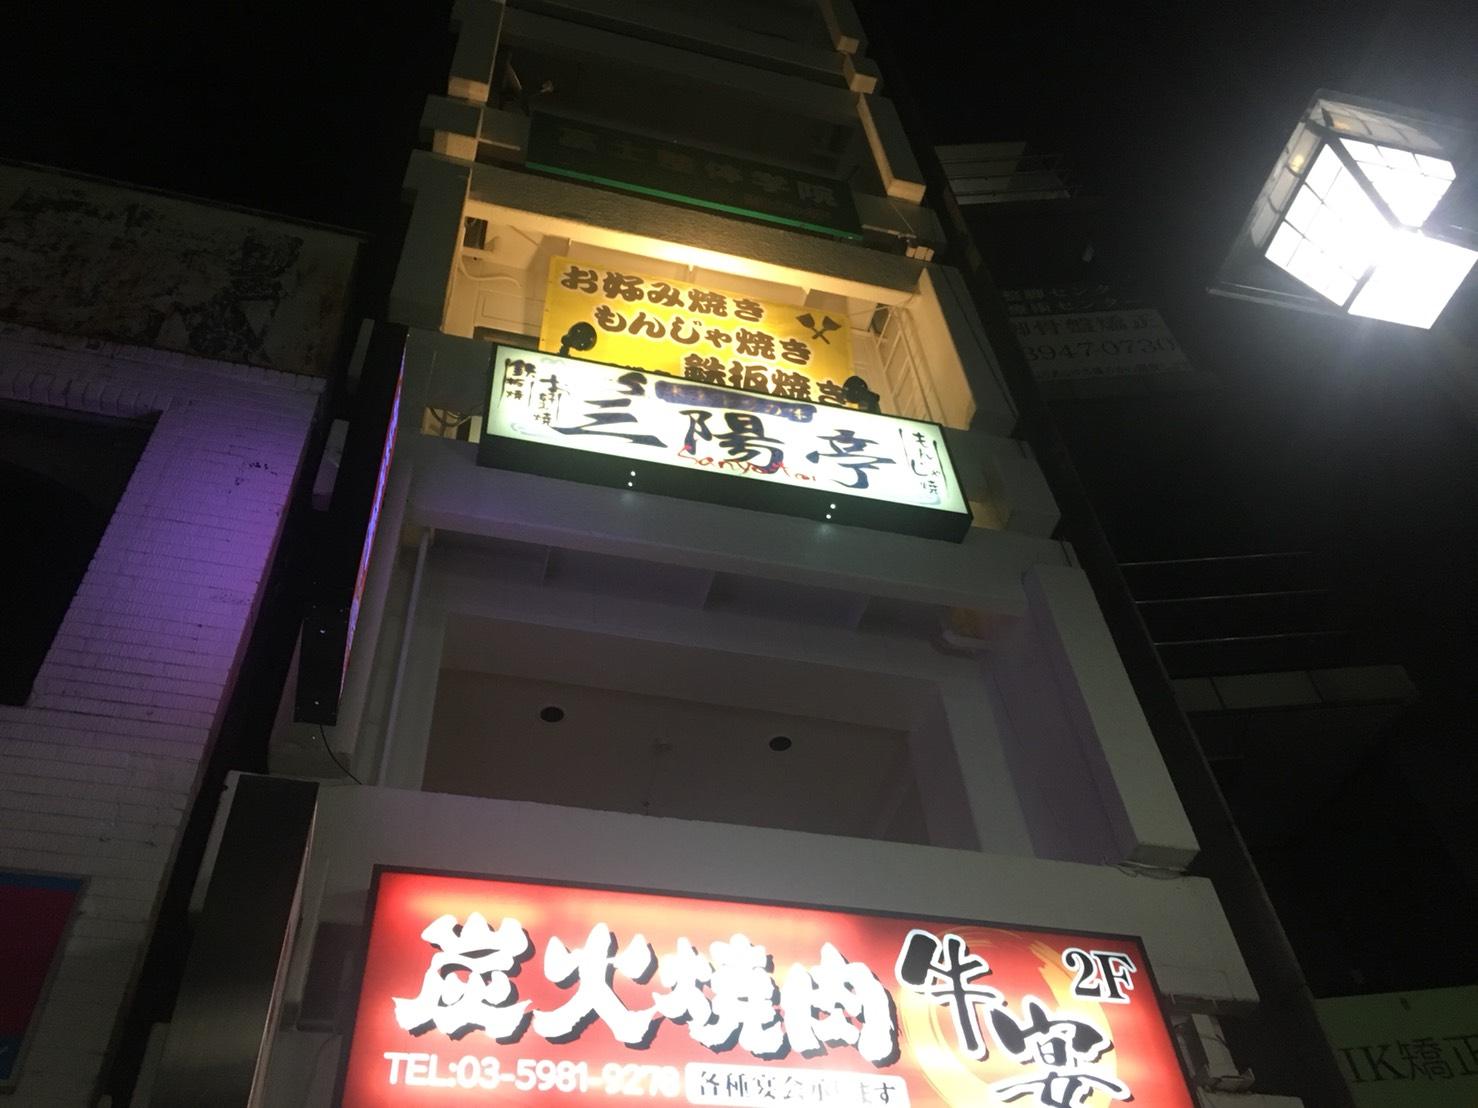 【大塚駅】あと一踏ん張り?寒々しい店内が少しさみしいお好み焼き・もんじゃ焼き「三陽亭」のビル